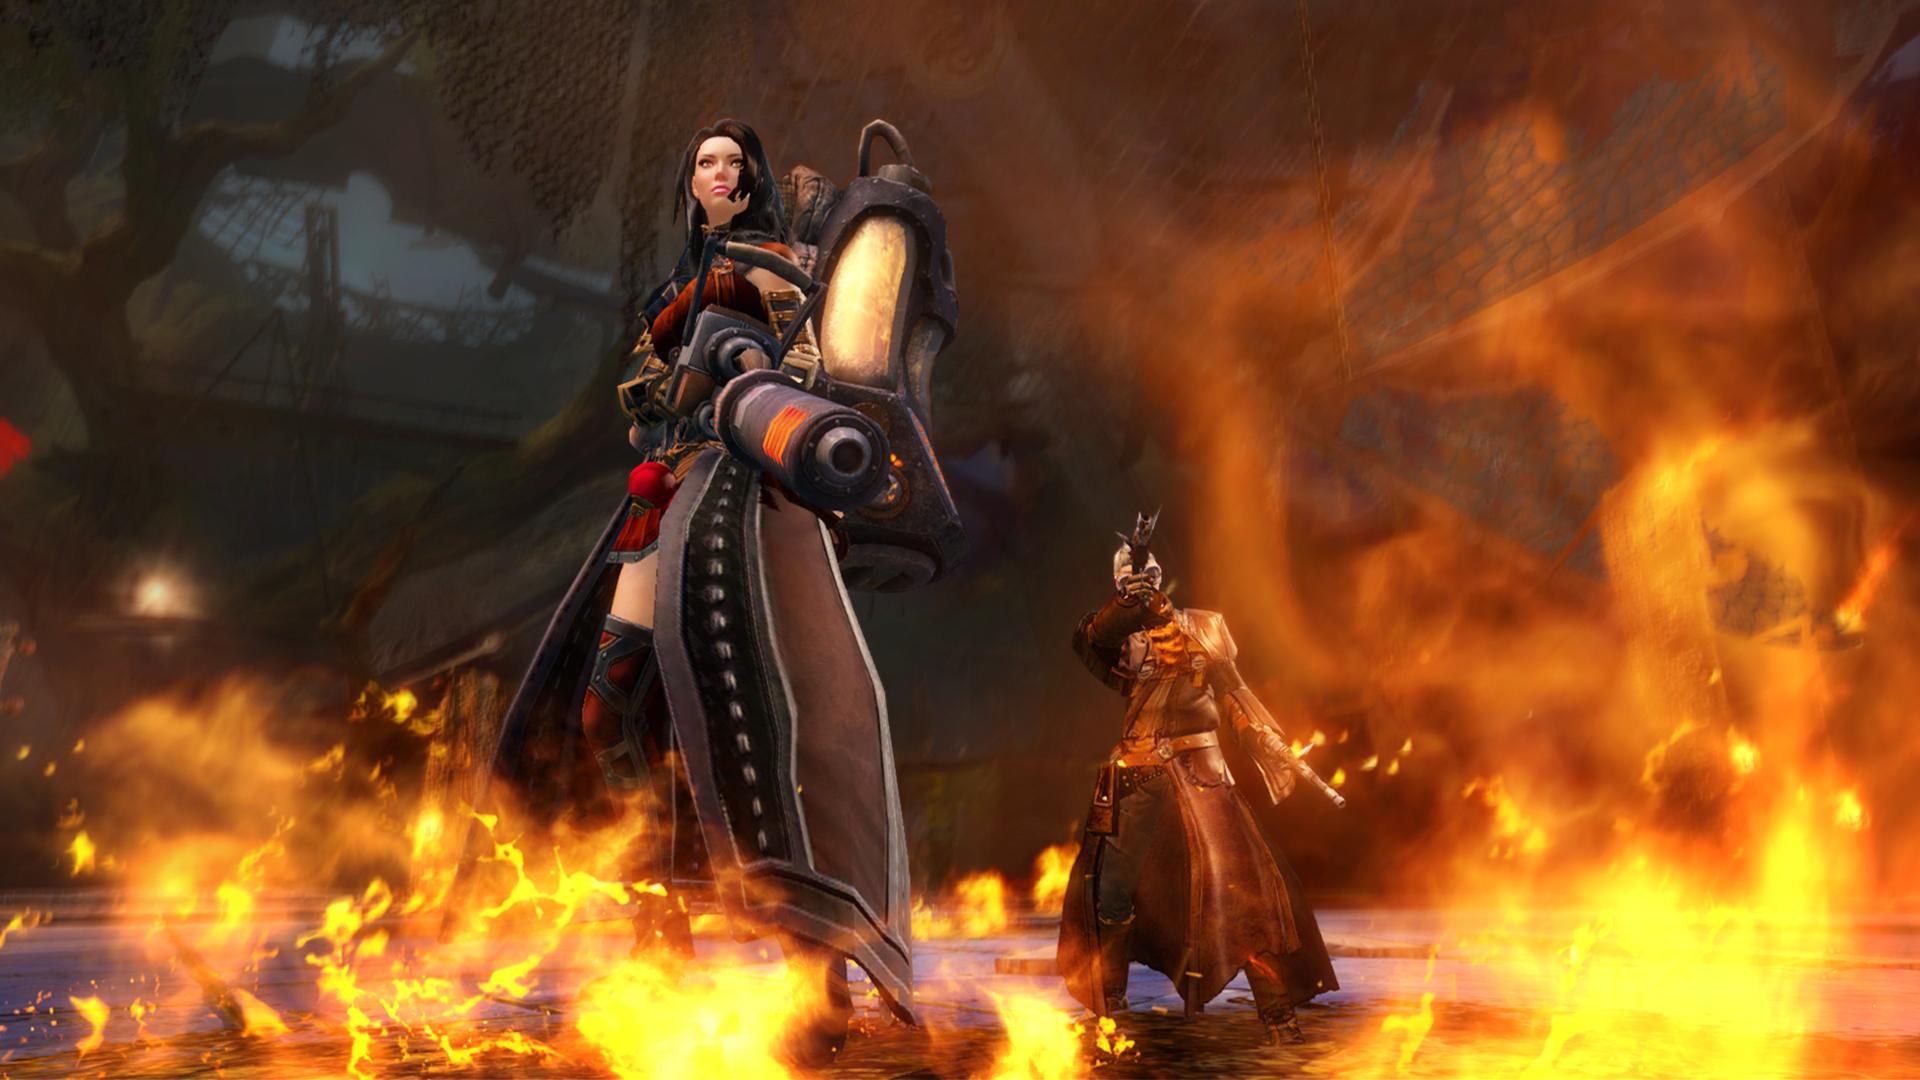 GW2_HoT_11_2015_Bandit_Boss_Flame